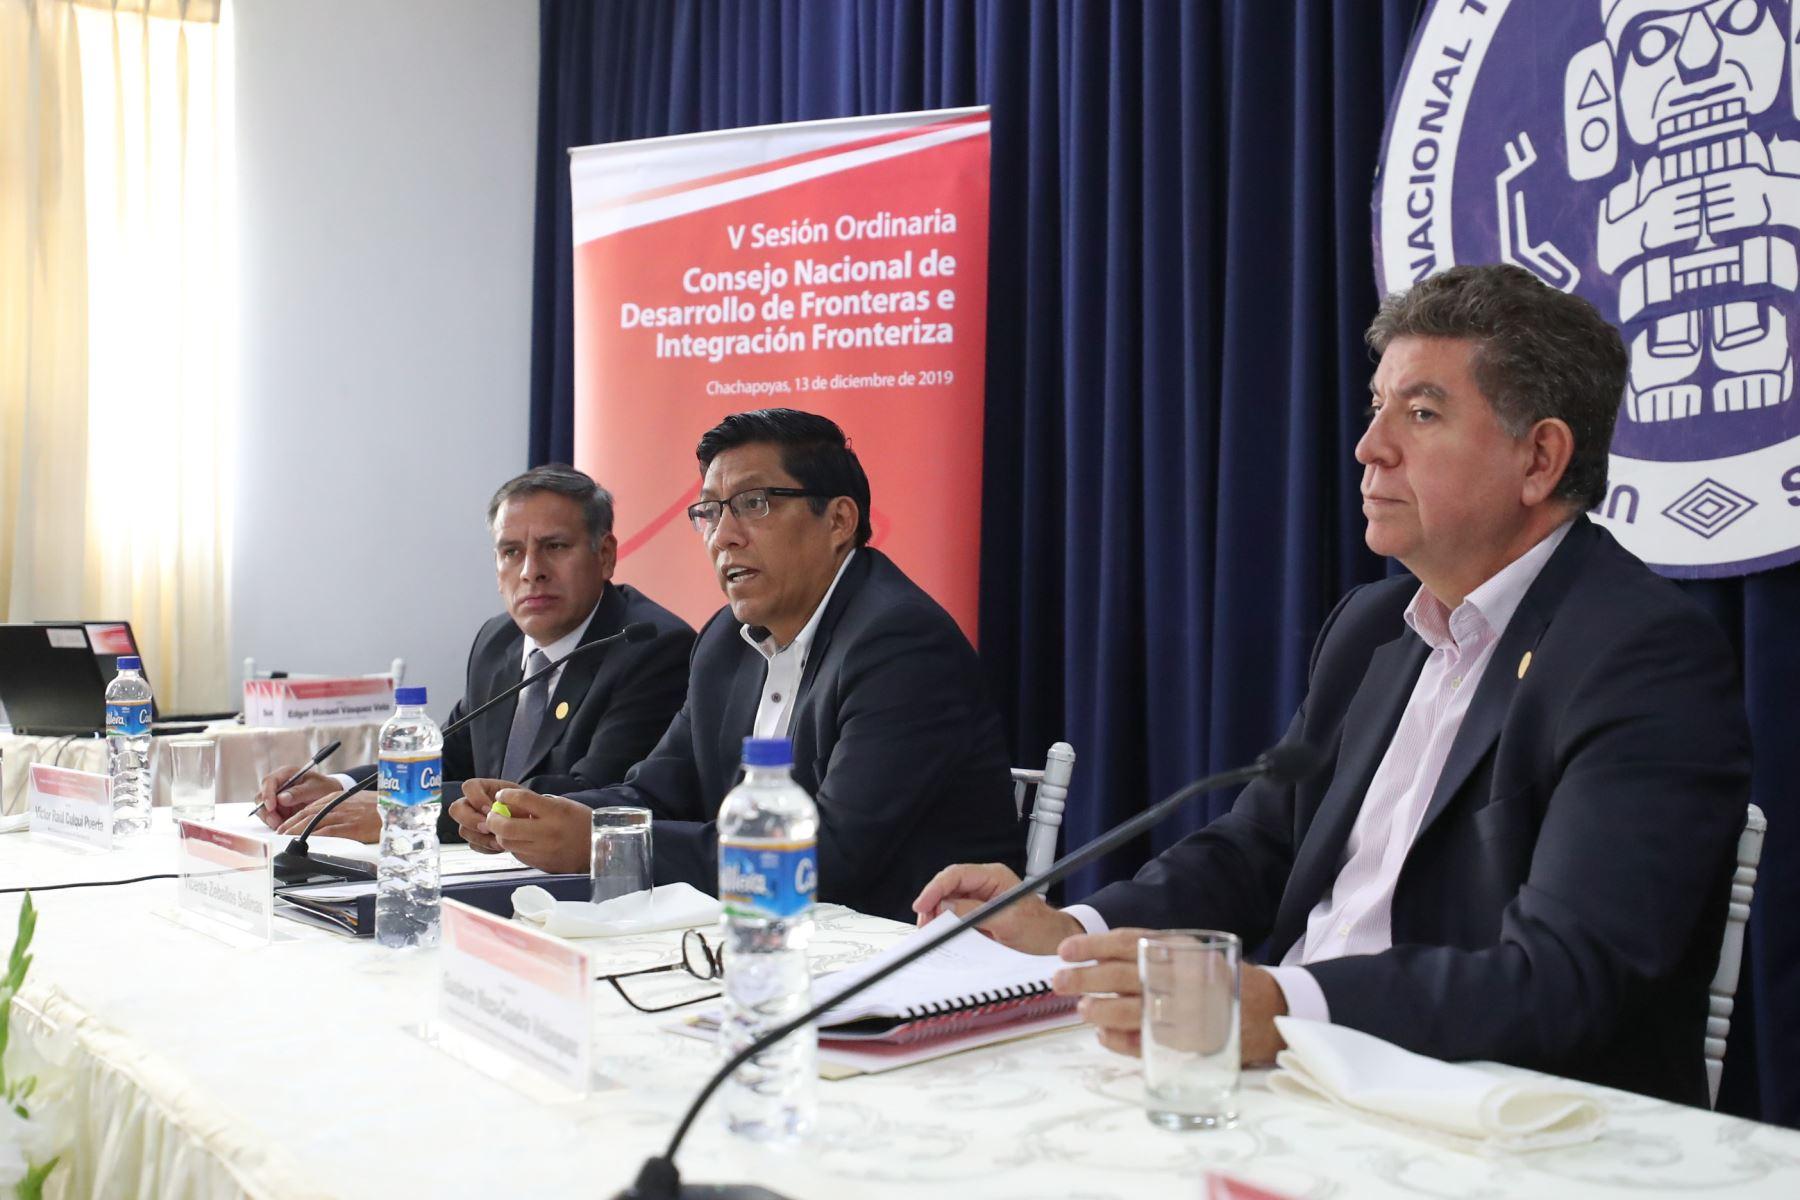 El presidente del Consejo de Ministros, Vicente Zeballos, participa de la V Sesión Ordinaria del Consejo Nacional del Desarrollo de Fronteras e Integración Fronteriza en Chachapoyas. Foto: PCM